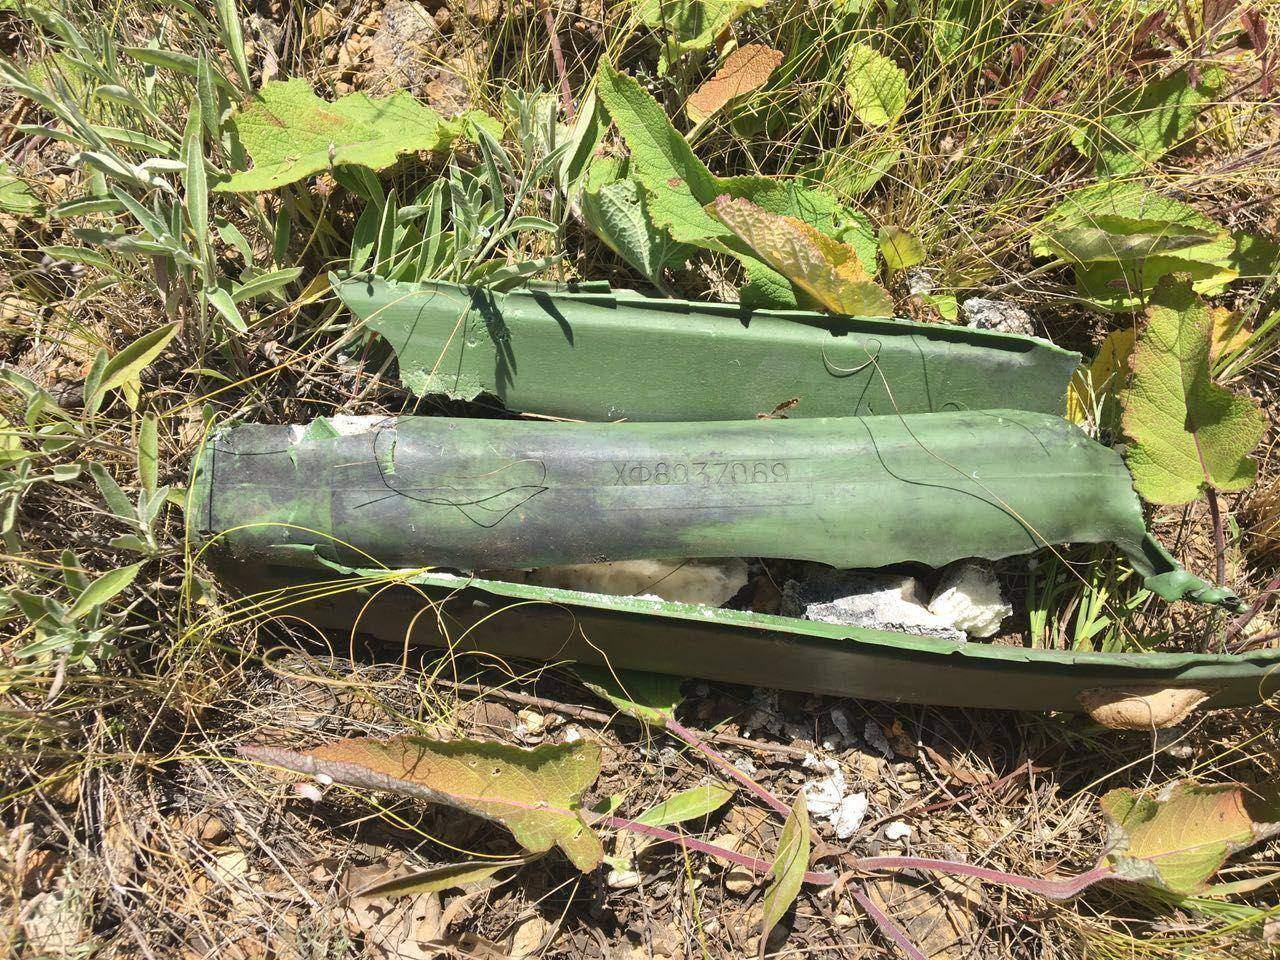 В зоне АТО был обнаруженл тайник с боеприпасами российского производства (фото)